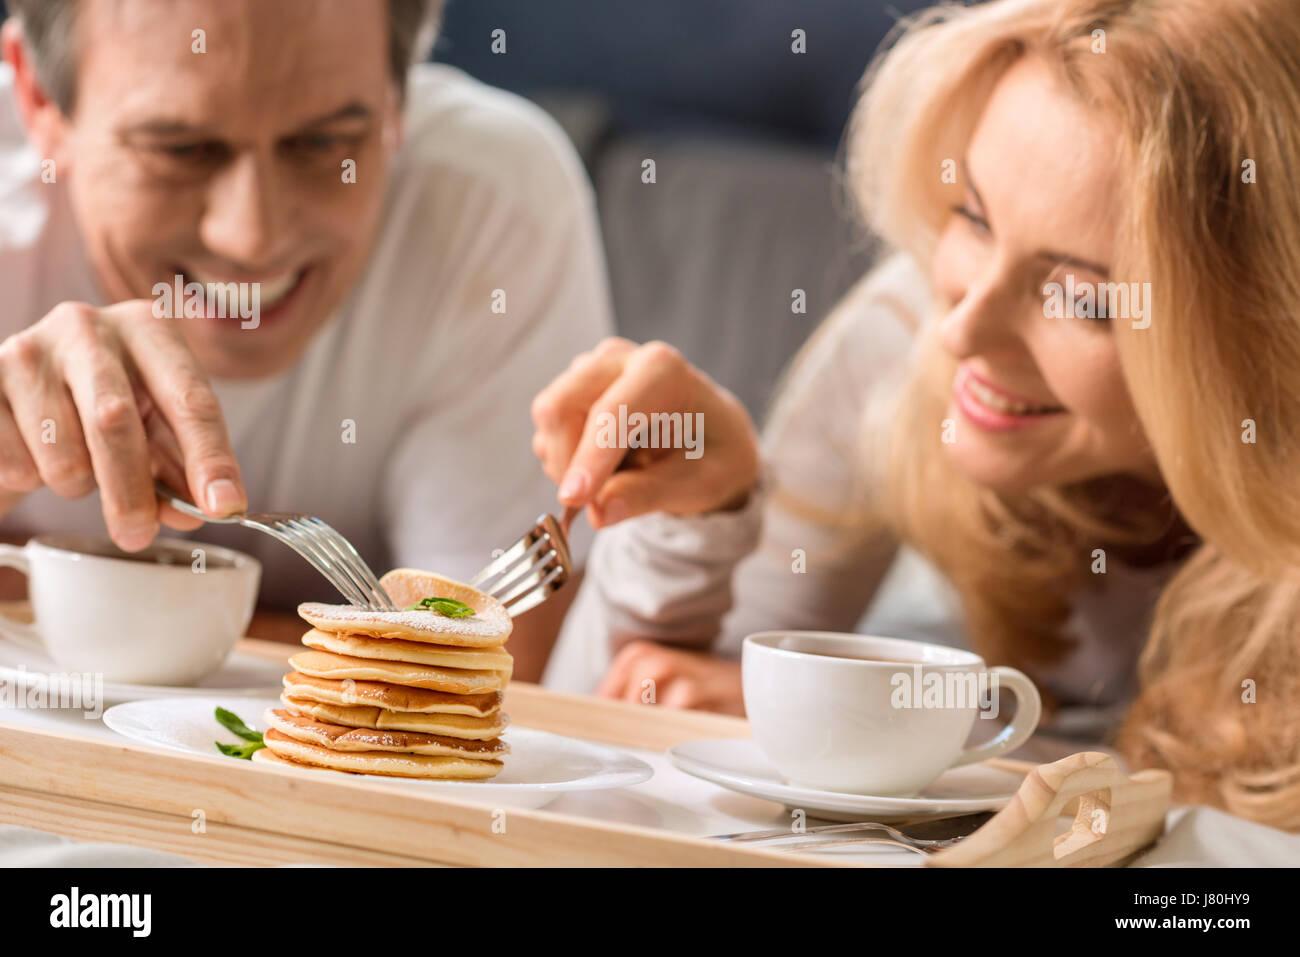 Mittleren Alter Brautpaar essen Pfannkuchen zusammen im Bett Stockbild